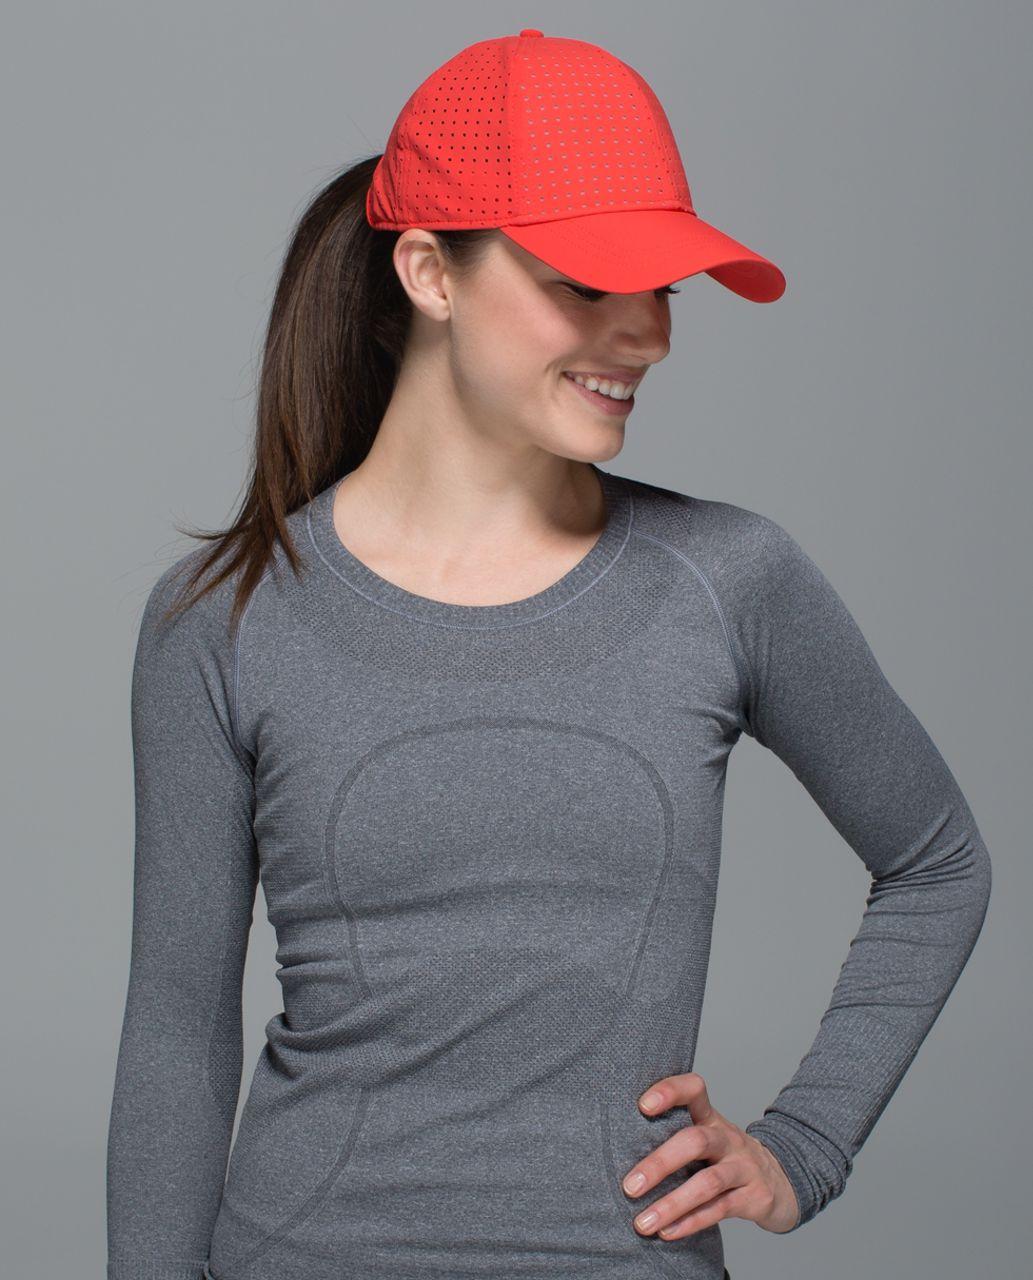 Lululemon Baller Hat *Perforated - Alarming / Alarming